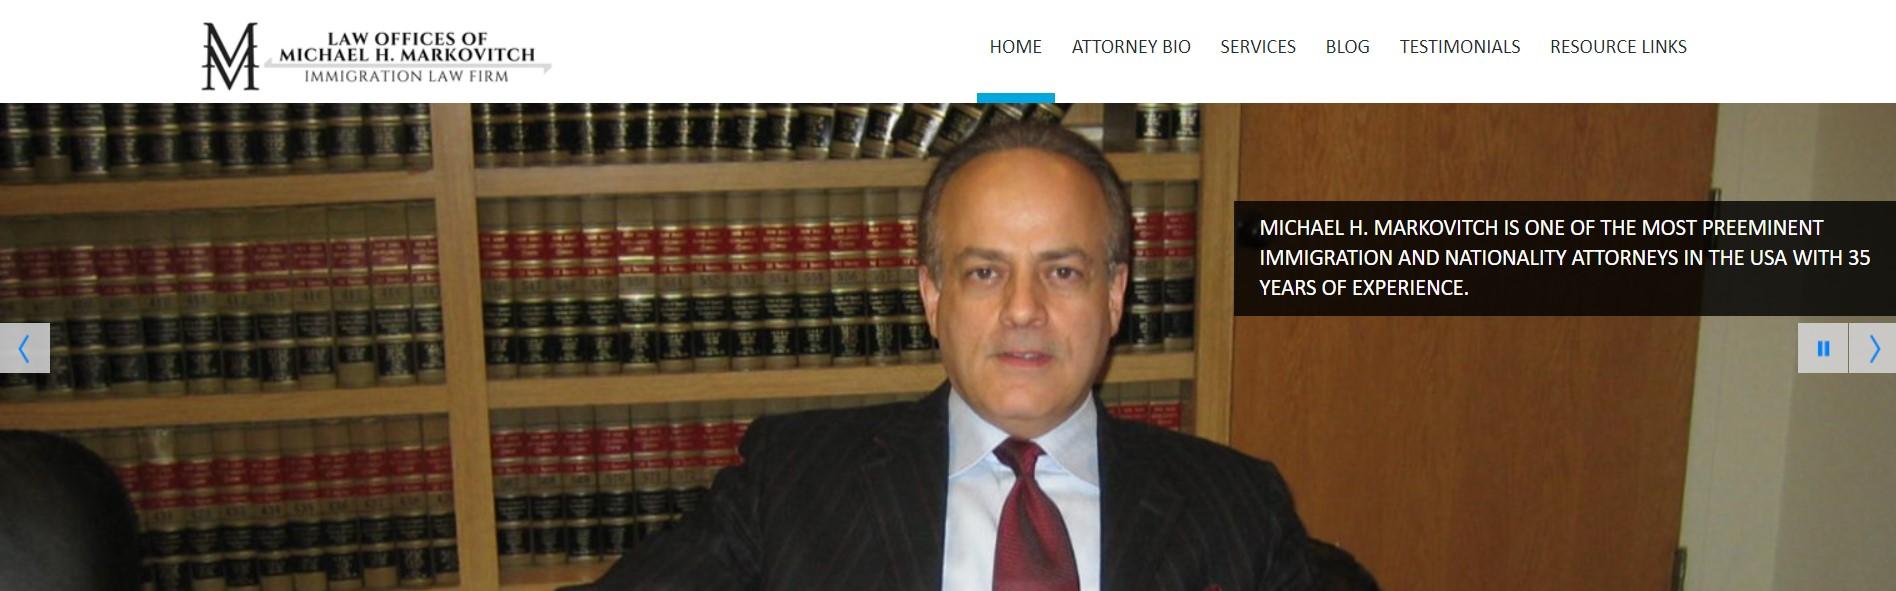 markovitch migration lawyer in new york